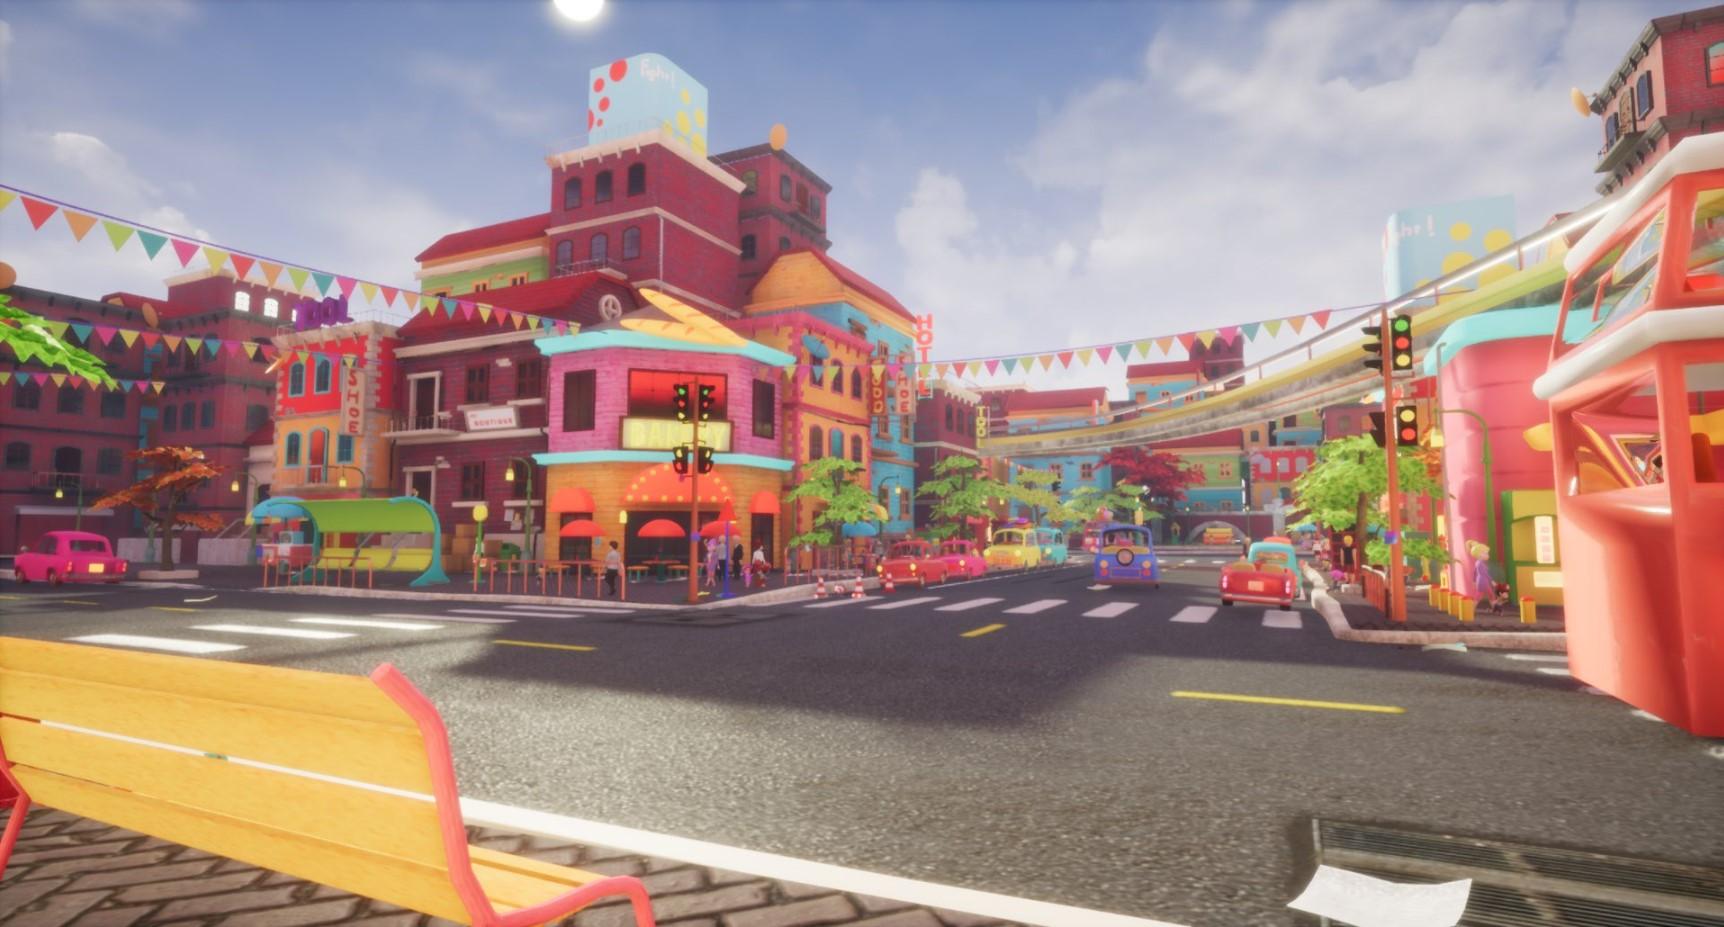 3D MODELING GAME VÀ PHIM (MAYA + ZBRUSH + 3DCoat) Khai giảng 25-11-2019